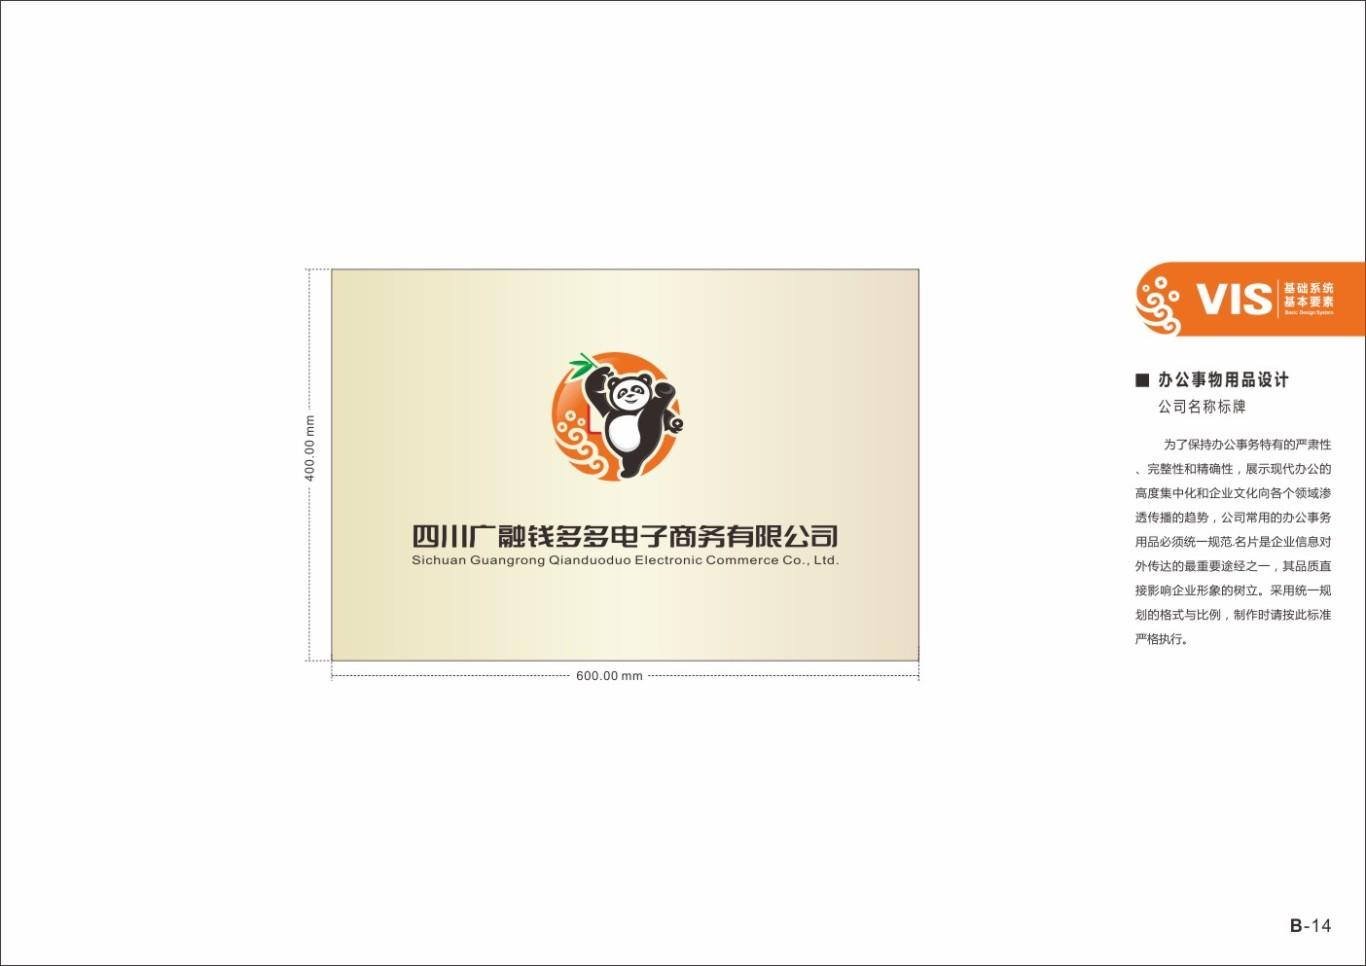 四川广融钱多多品牌及VI形象设计图30